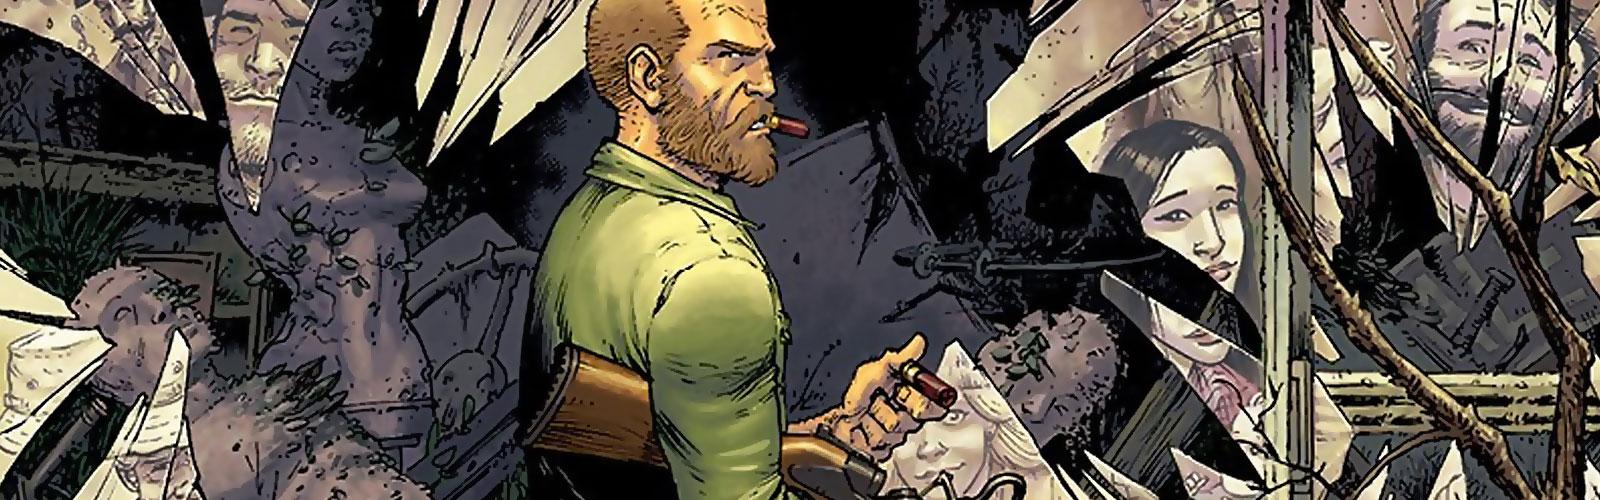 New Releases - 13-01-16: Walking Dead